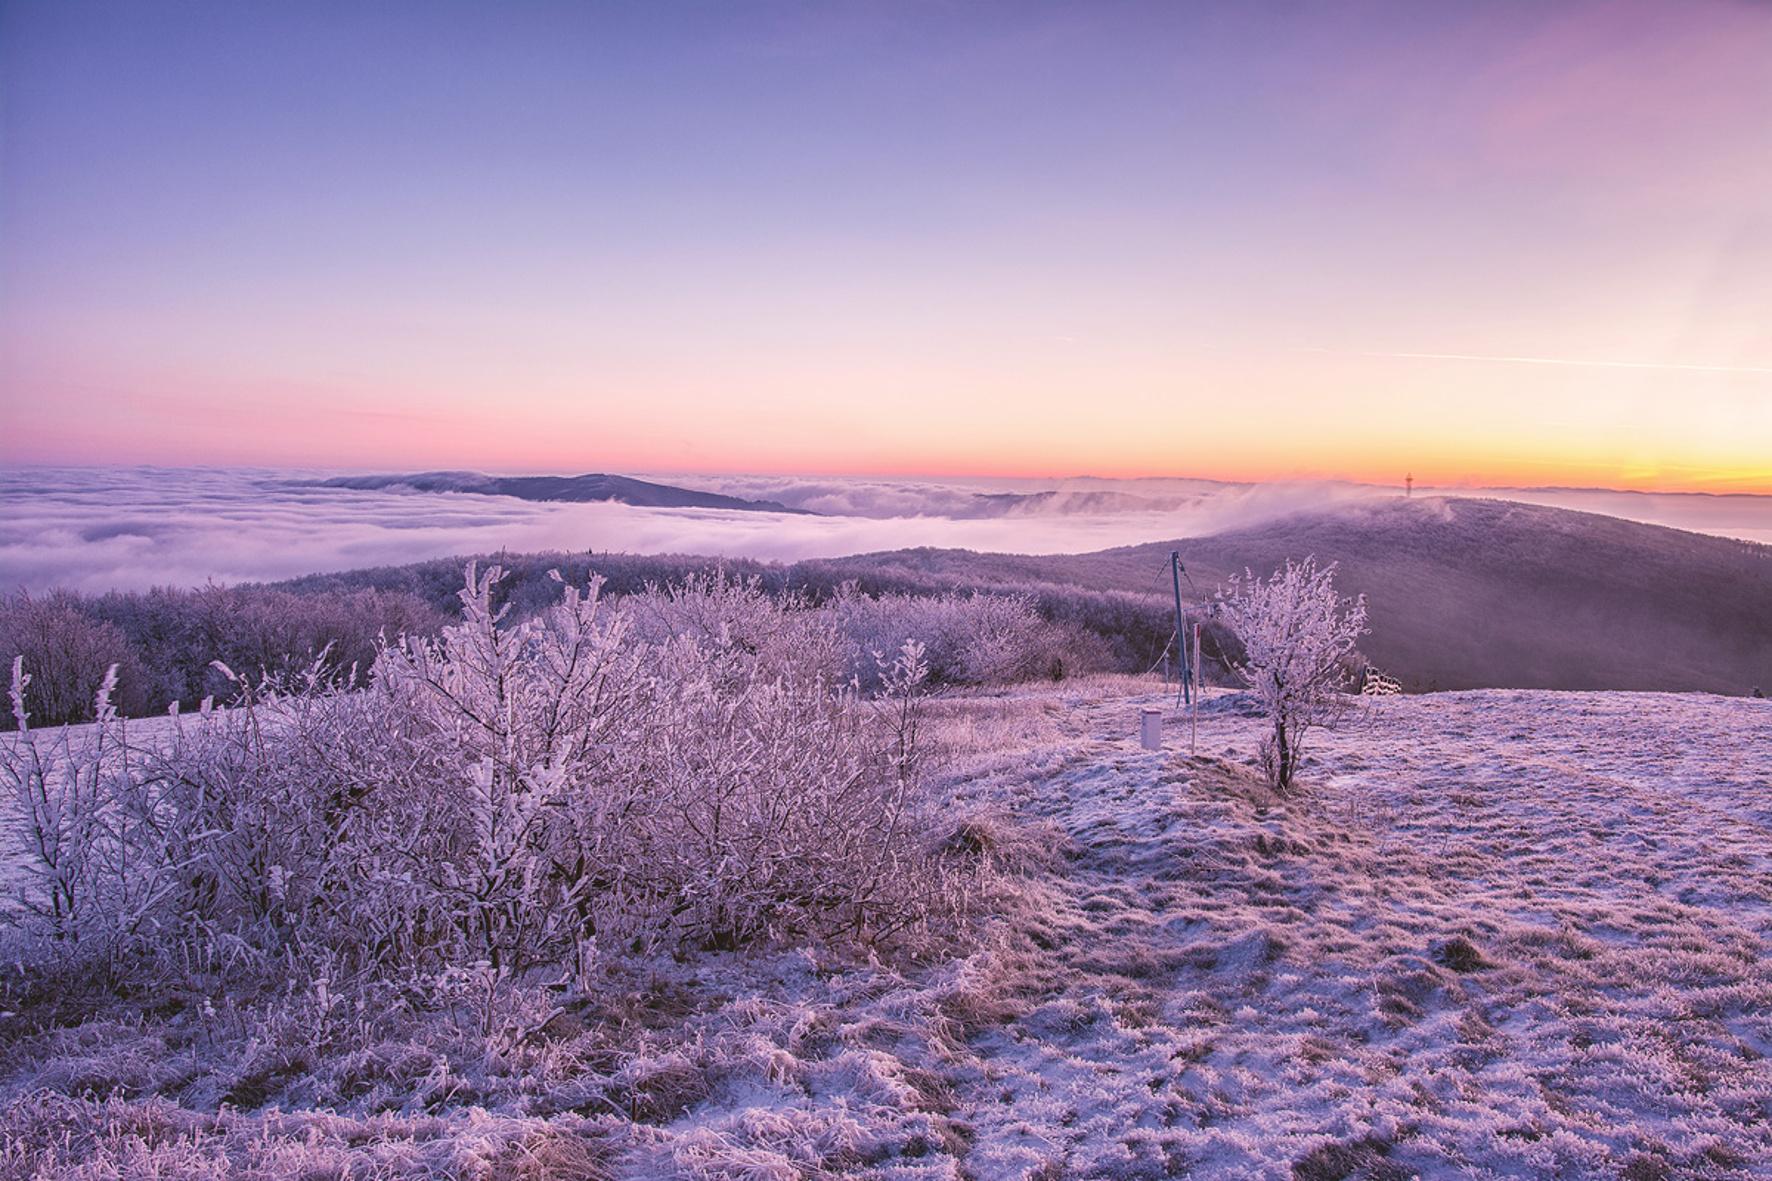 Fotografieren in den Bergen: So rüsten Sie sich richtig aus